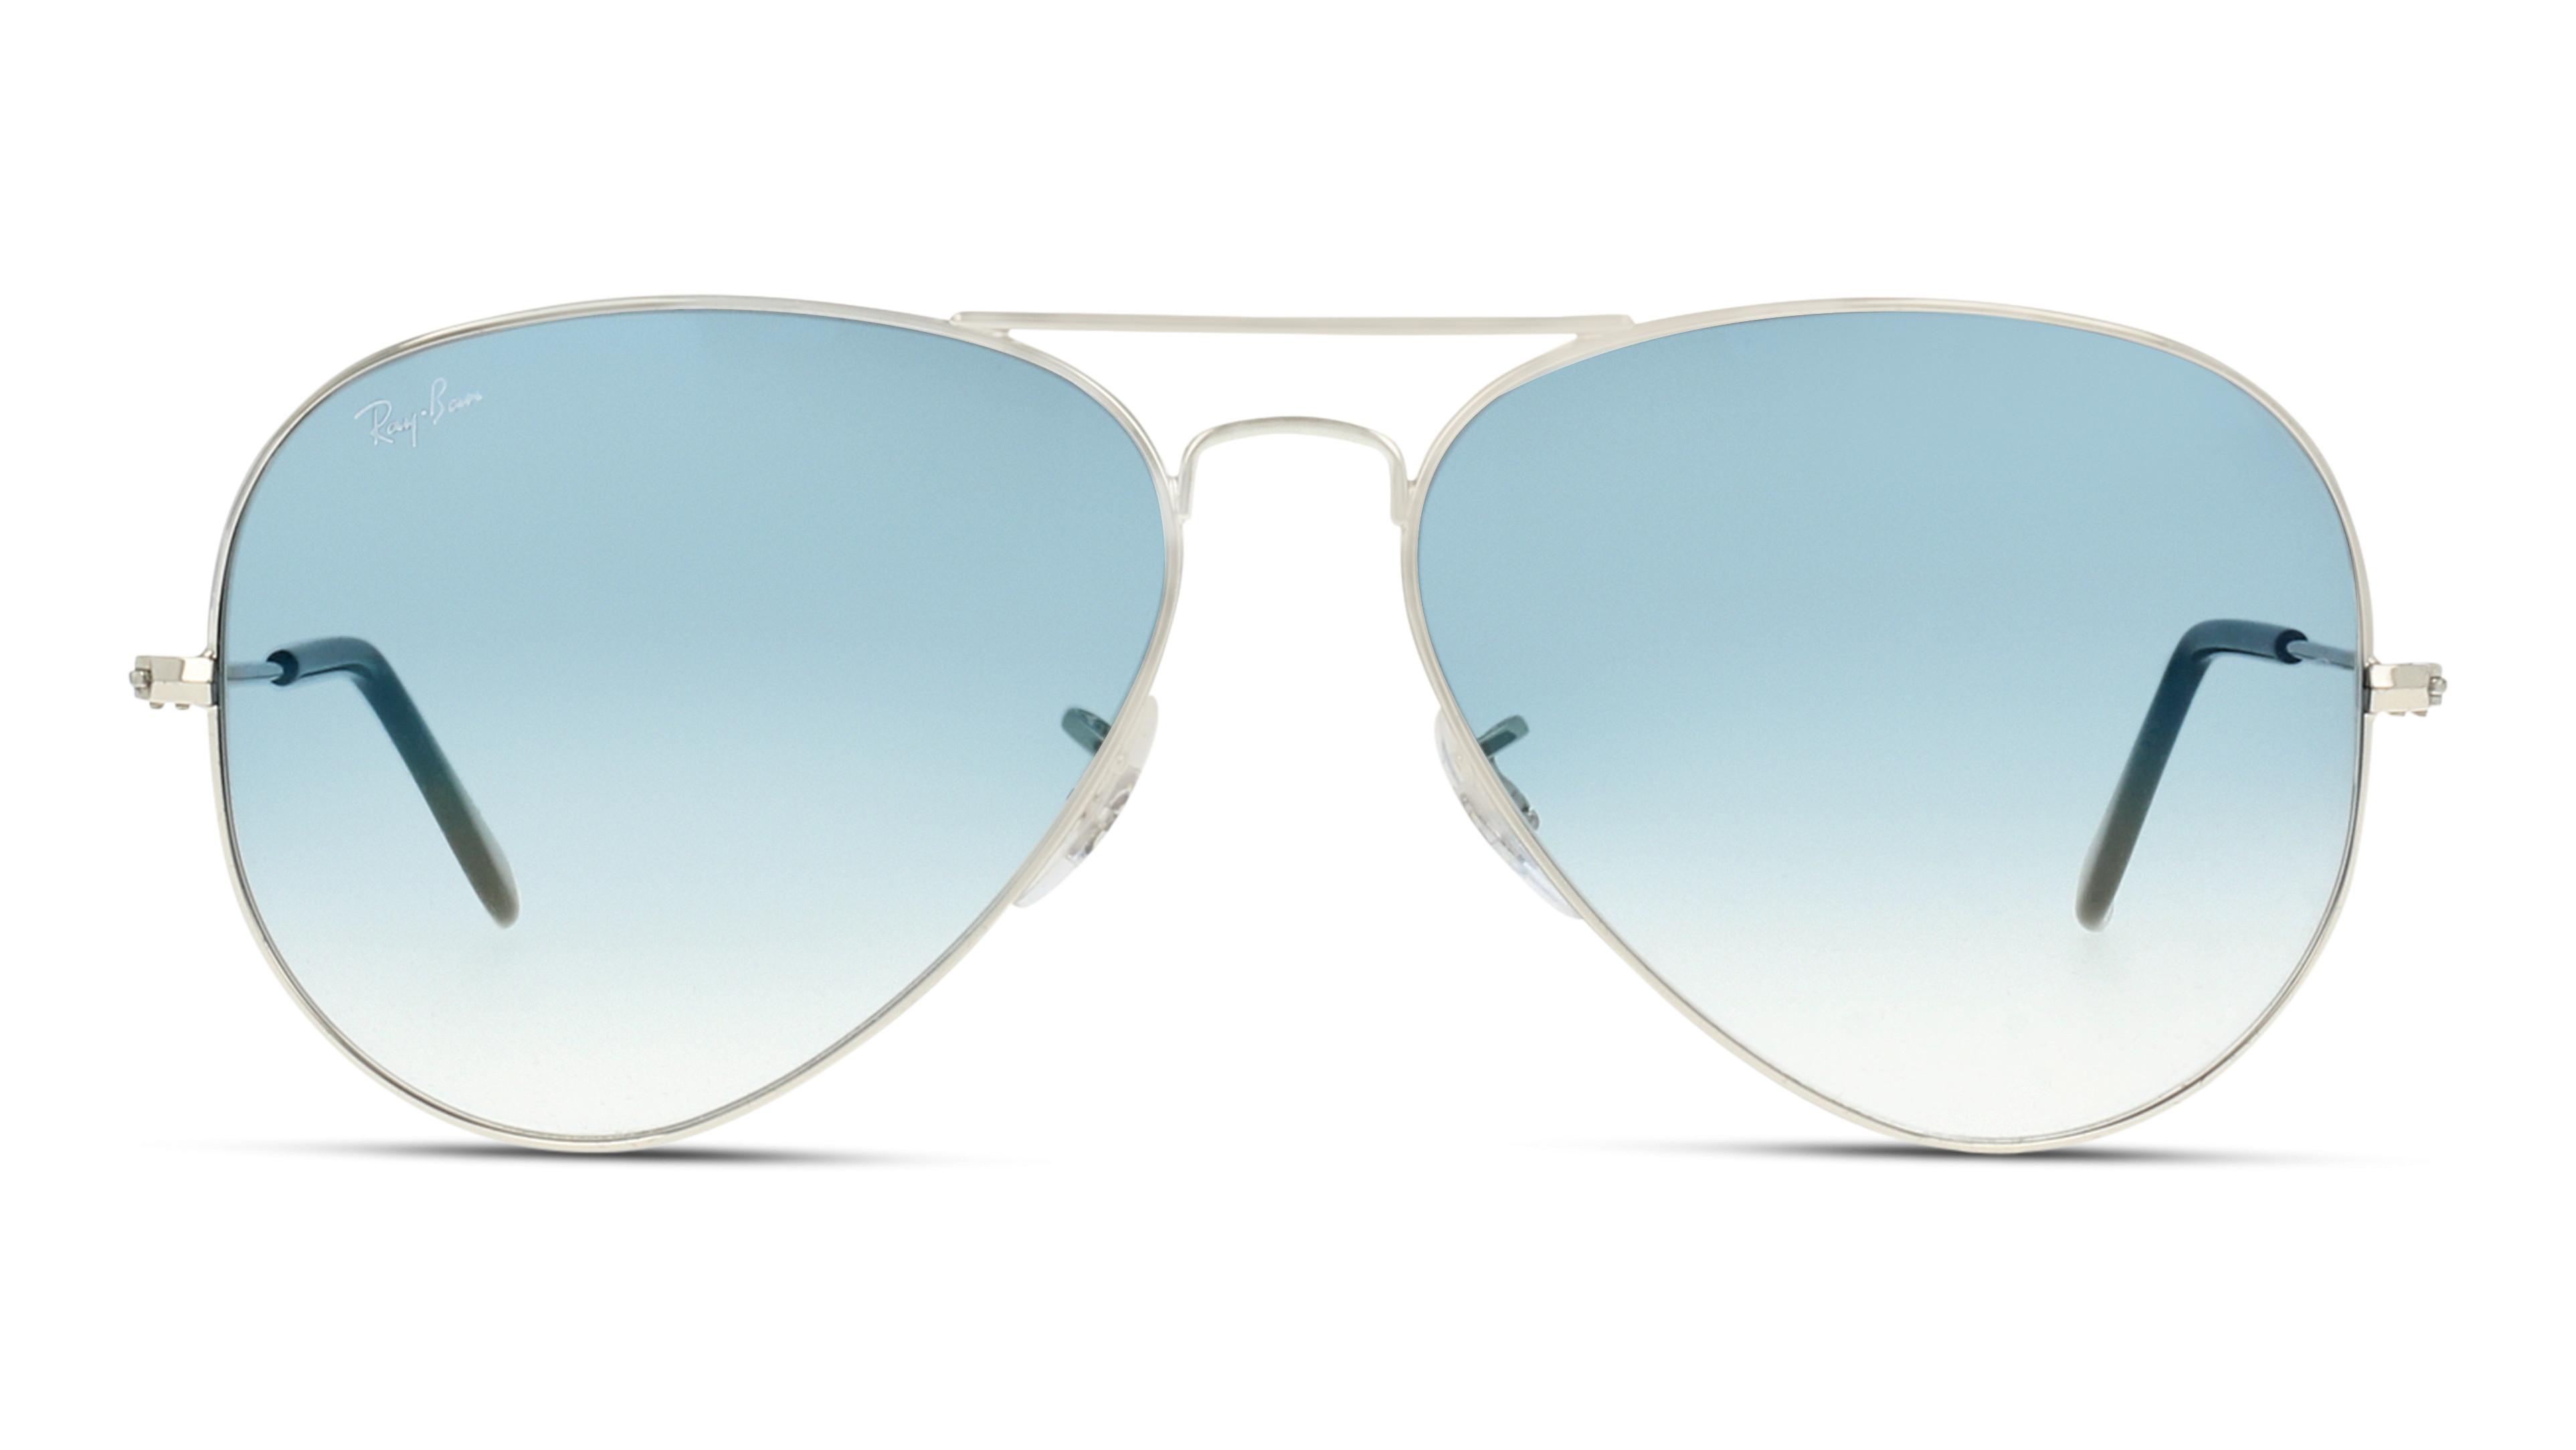 805289307709-front-01-rayban-glasses-eyewear-pair